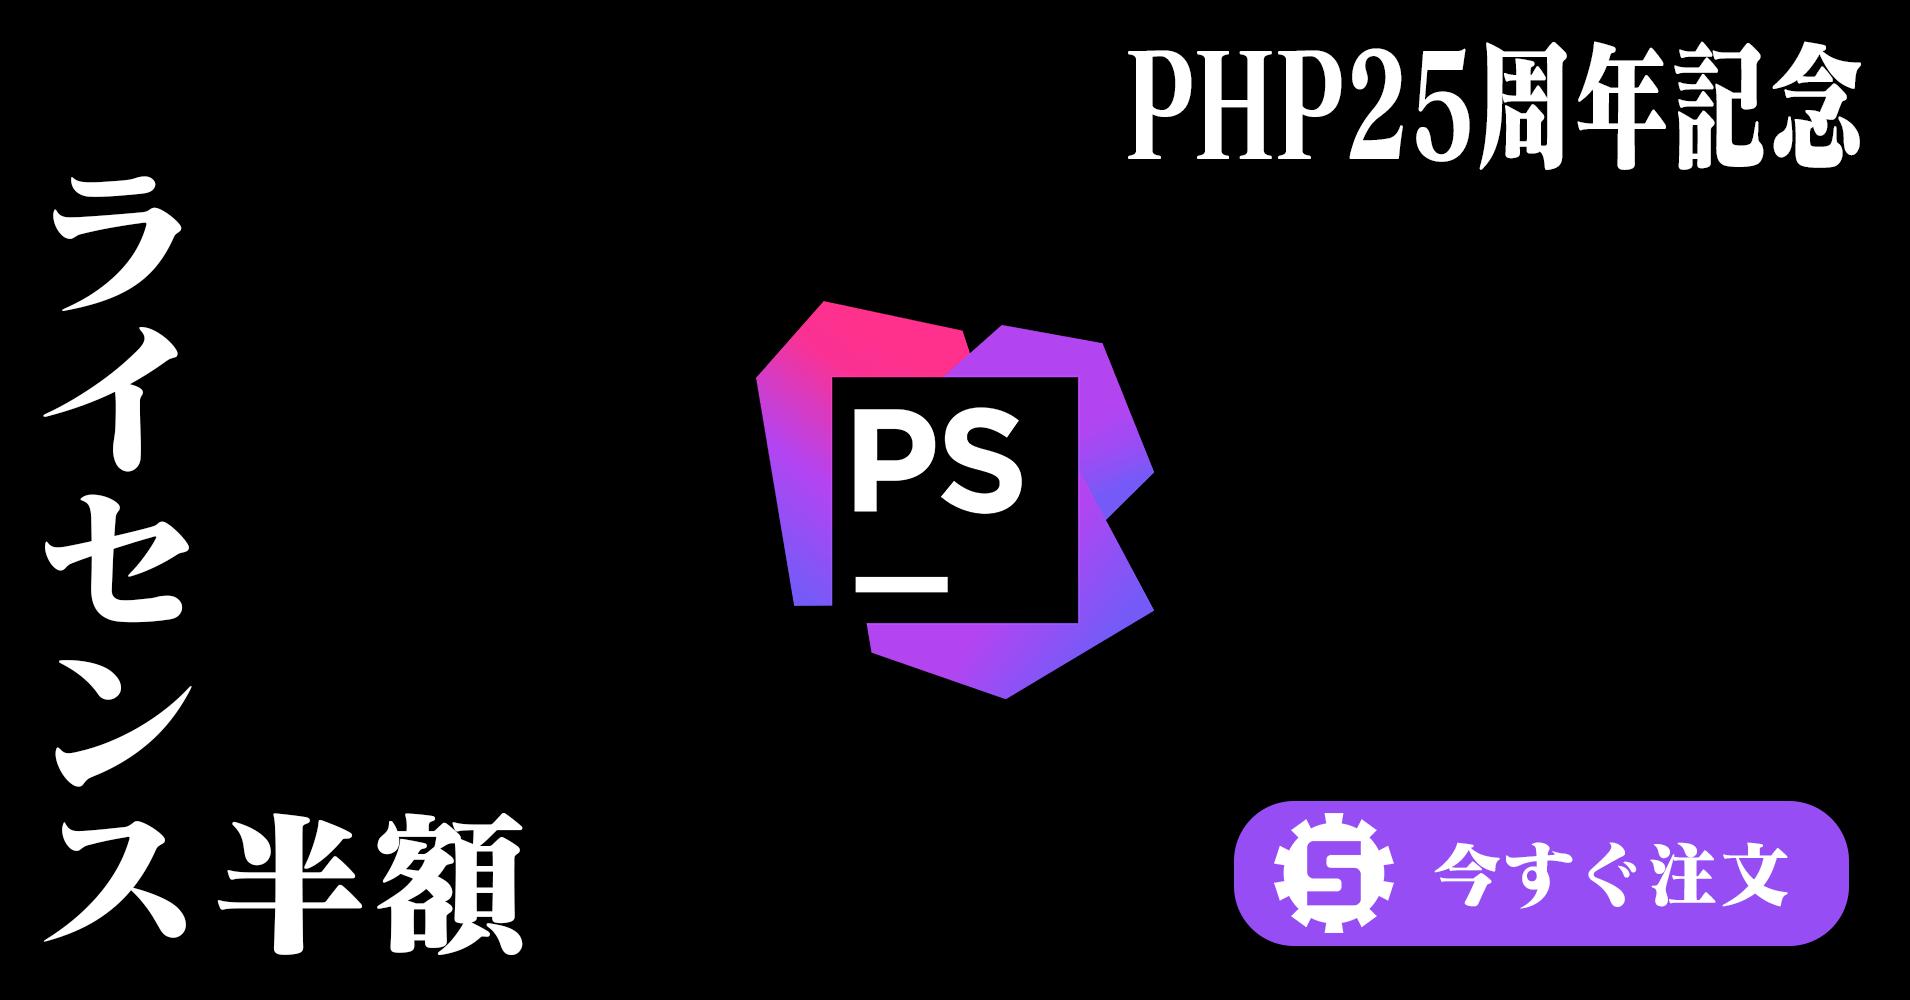 【2020年6月10日23時まで】PHP25周年記念 – PhpStorm が期間限定で半額に! #ILOVEPHP #PHP25